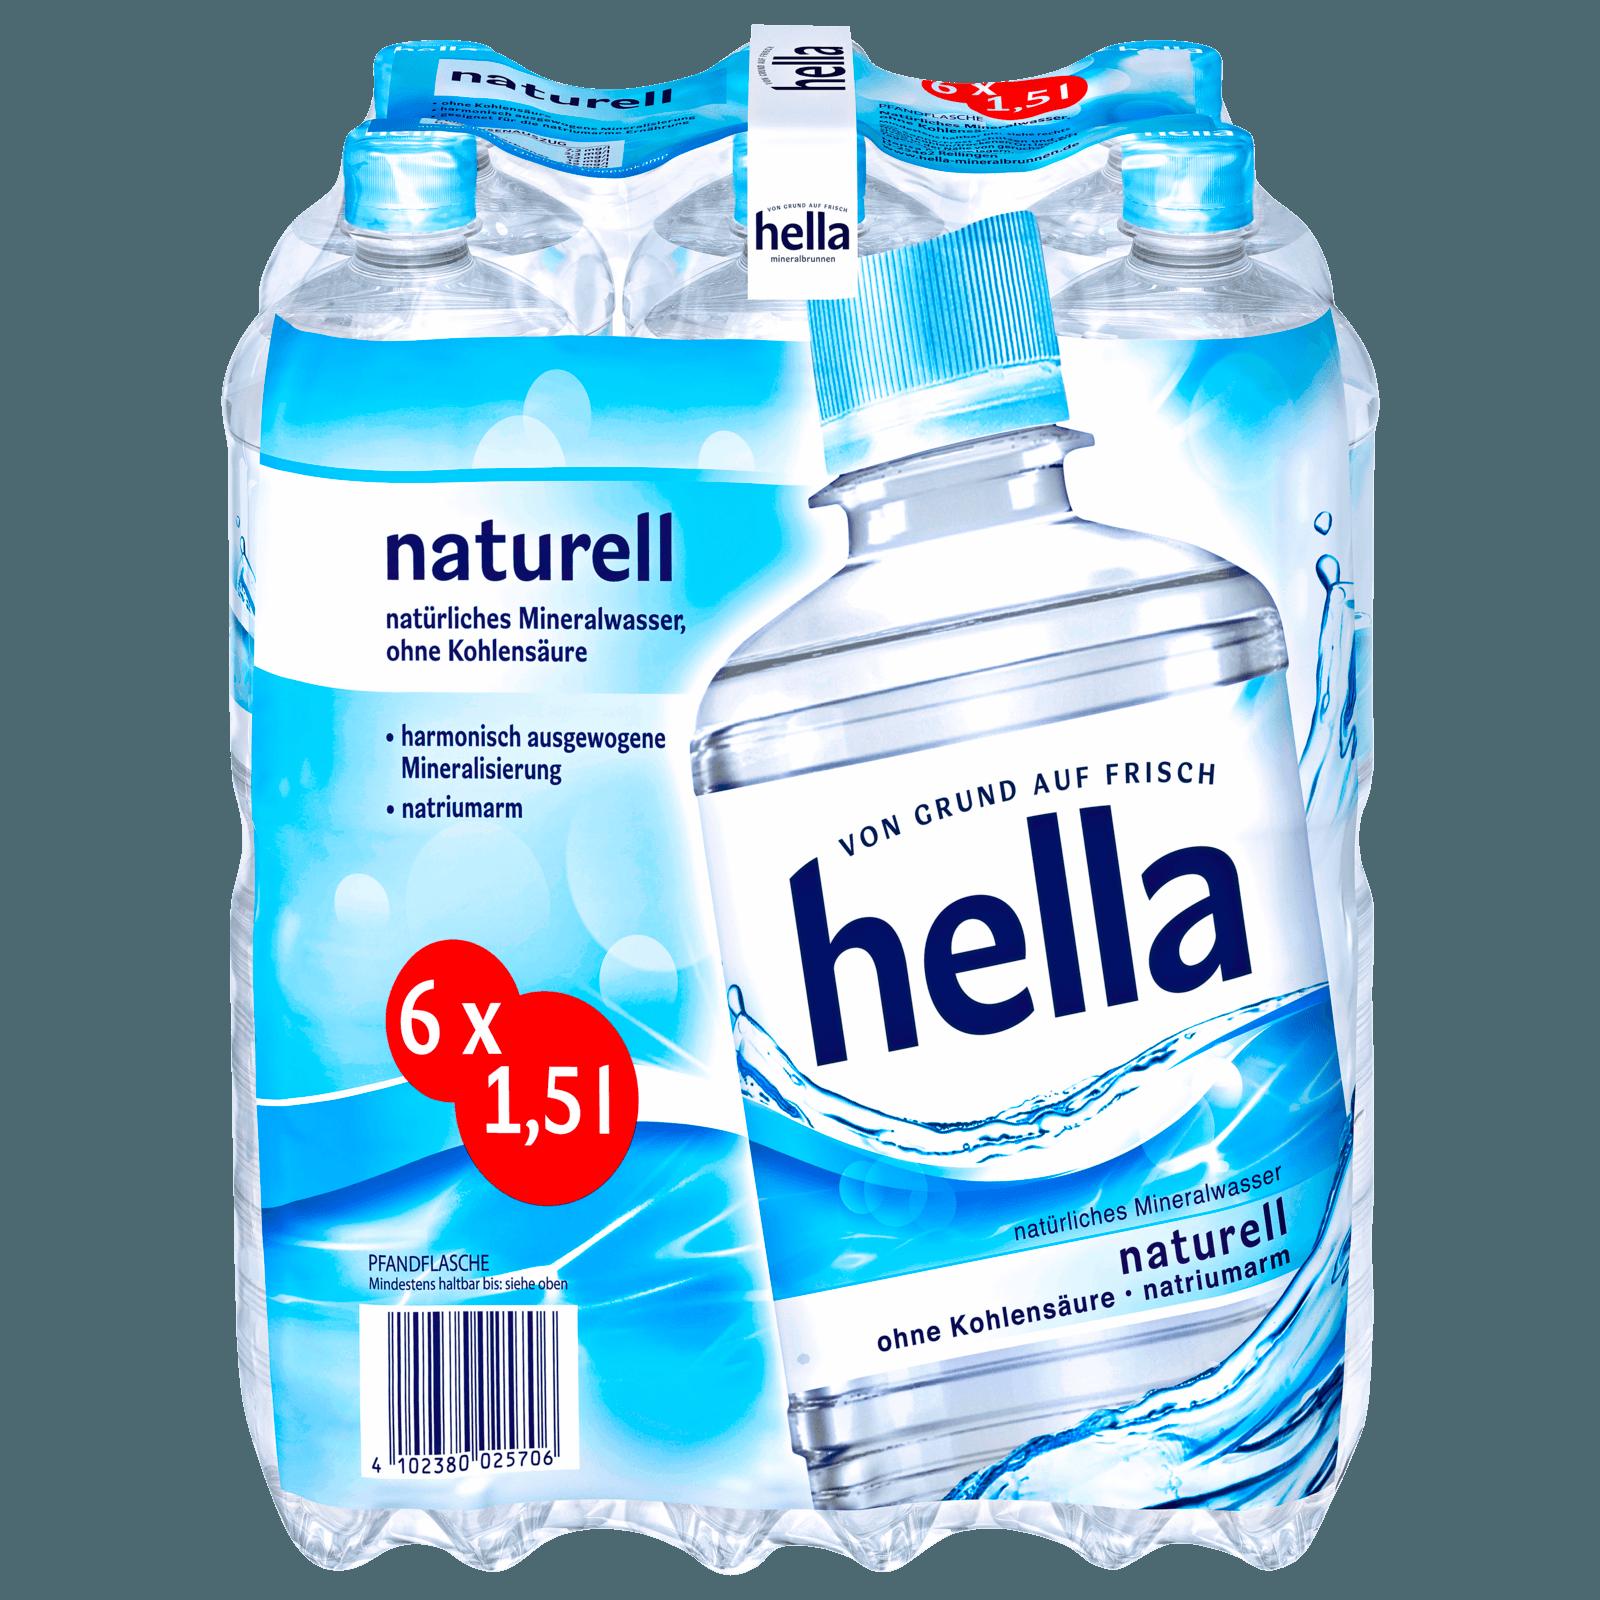 Hella Naturell 6x1,5l bei REWE online bestellen!